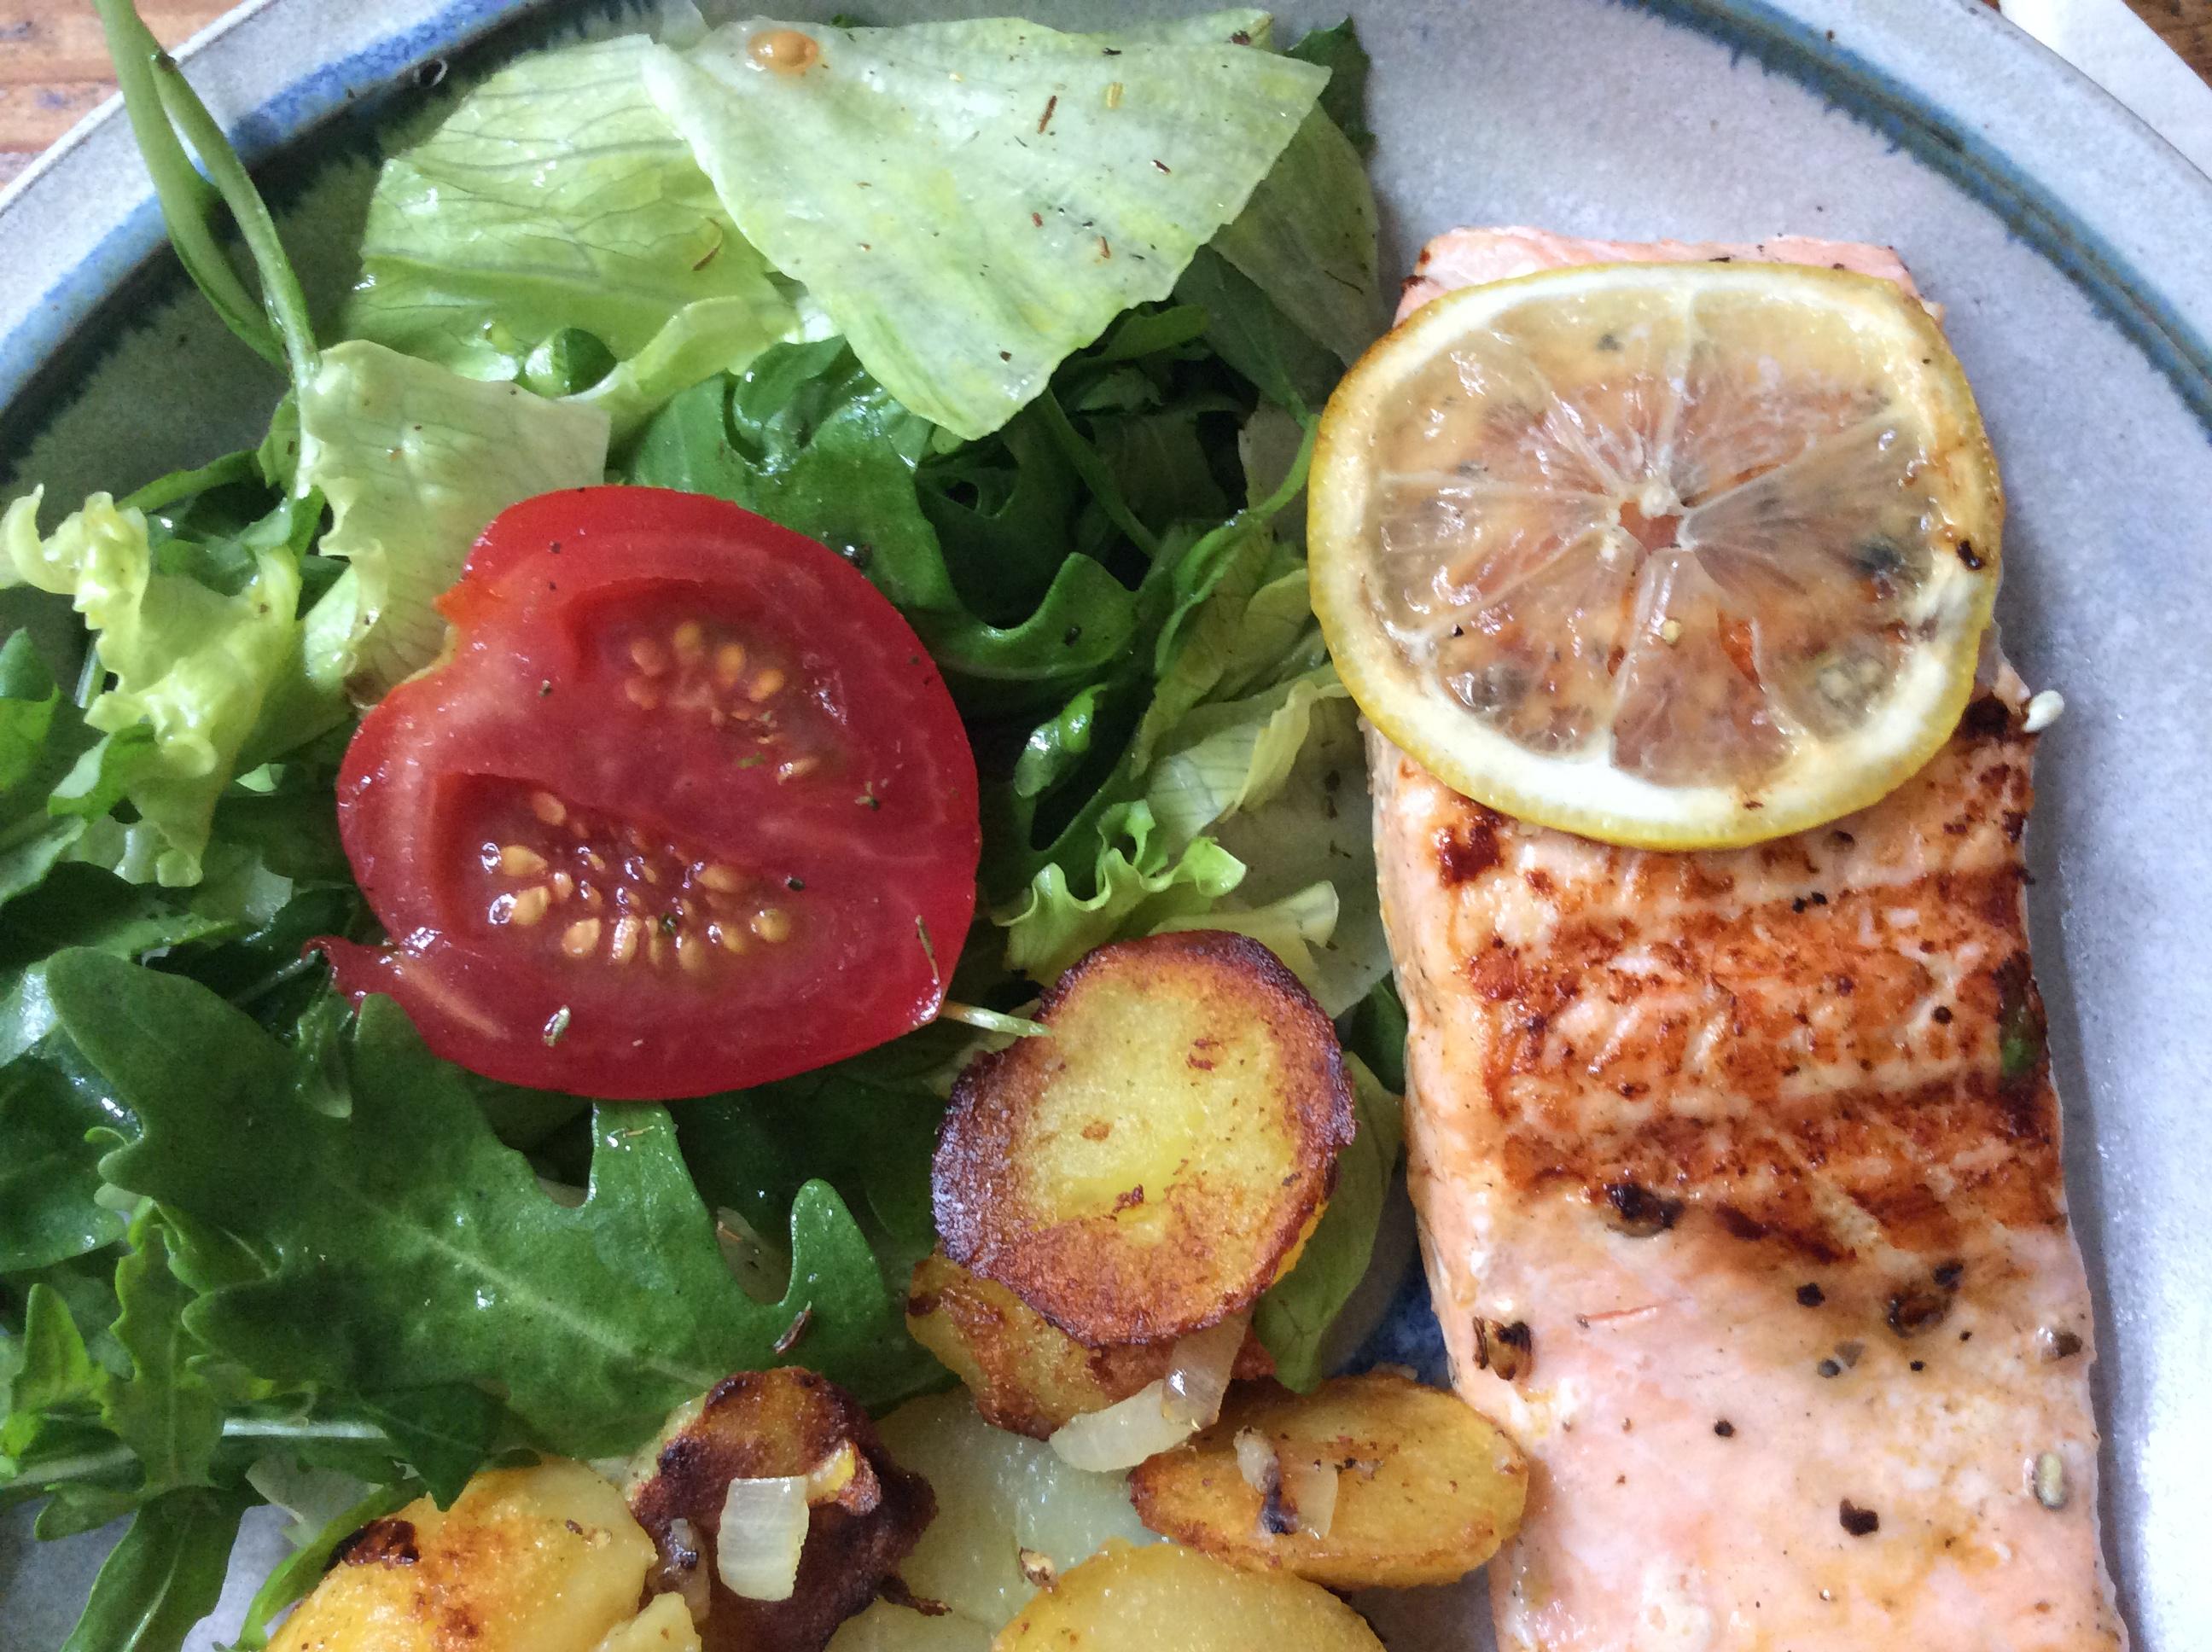 Lachs,Bratkartoffel,Salat. - 28.8.15   (9)